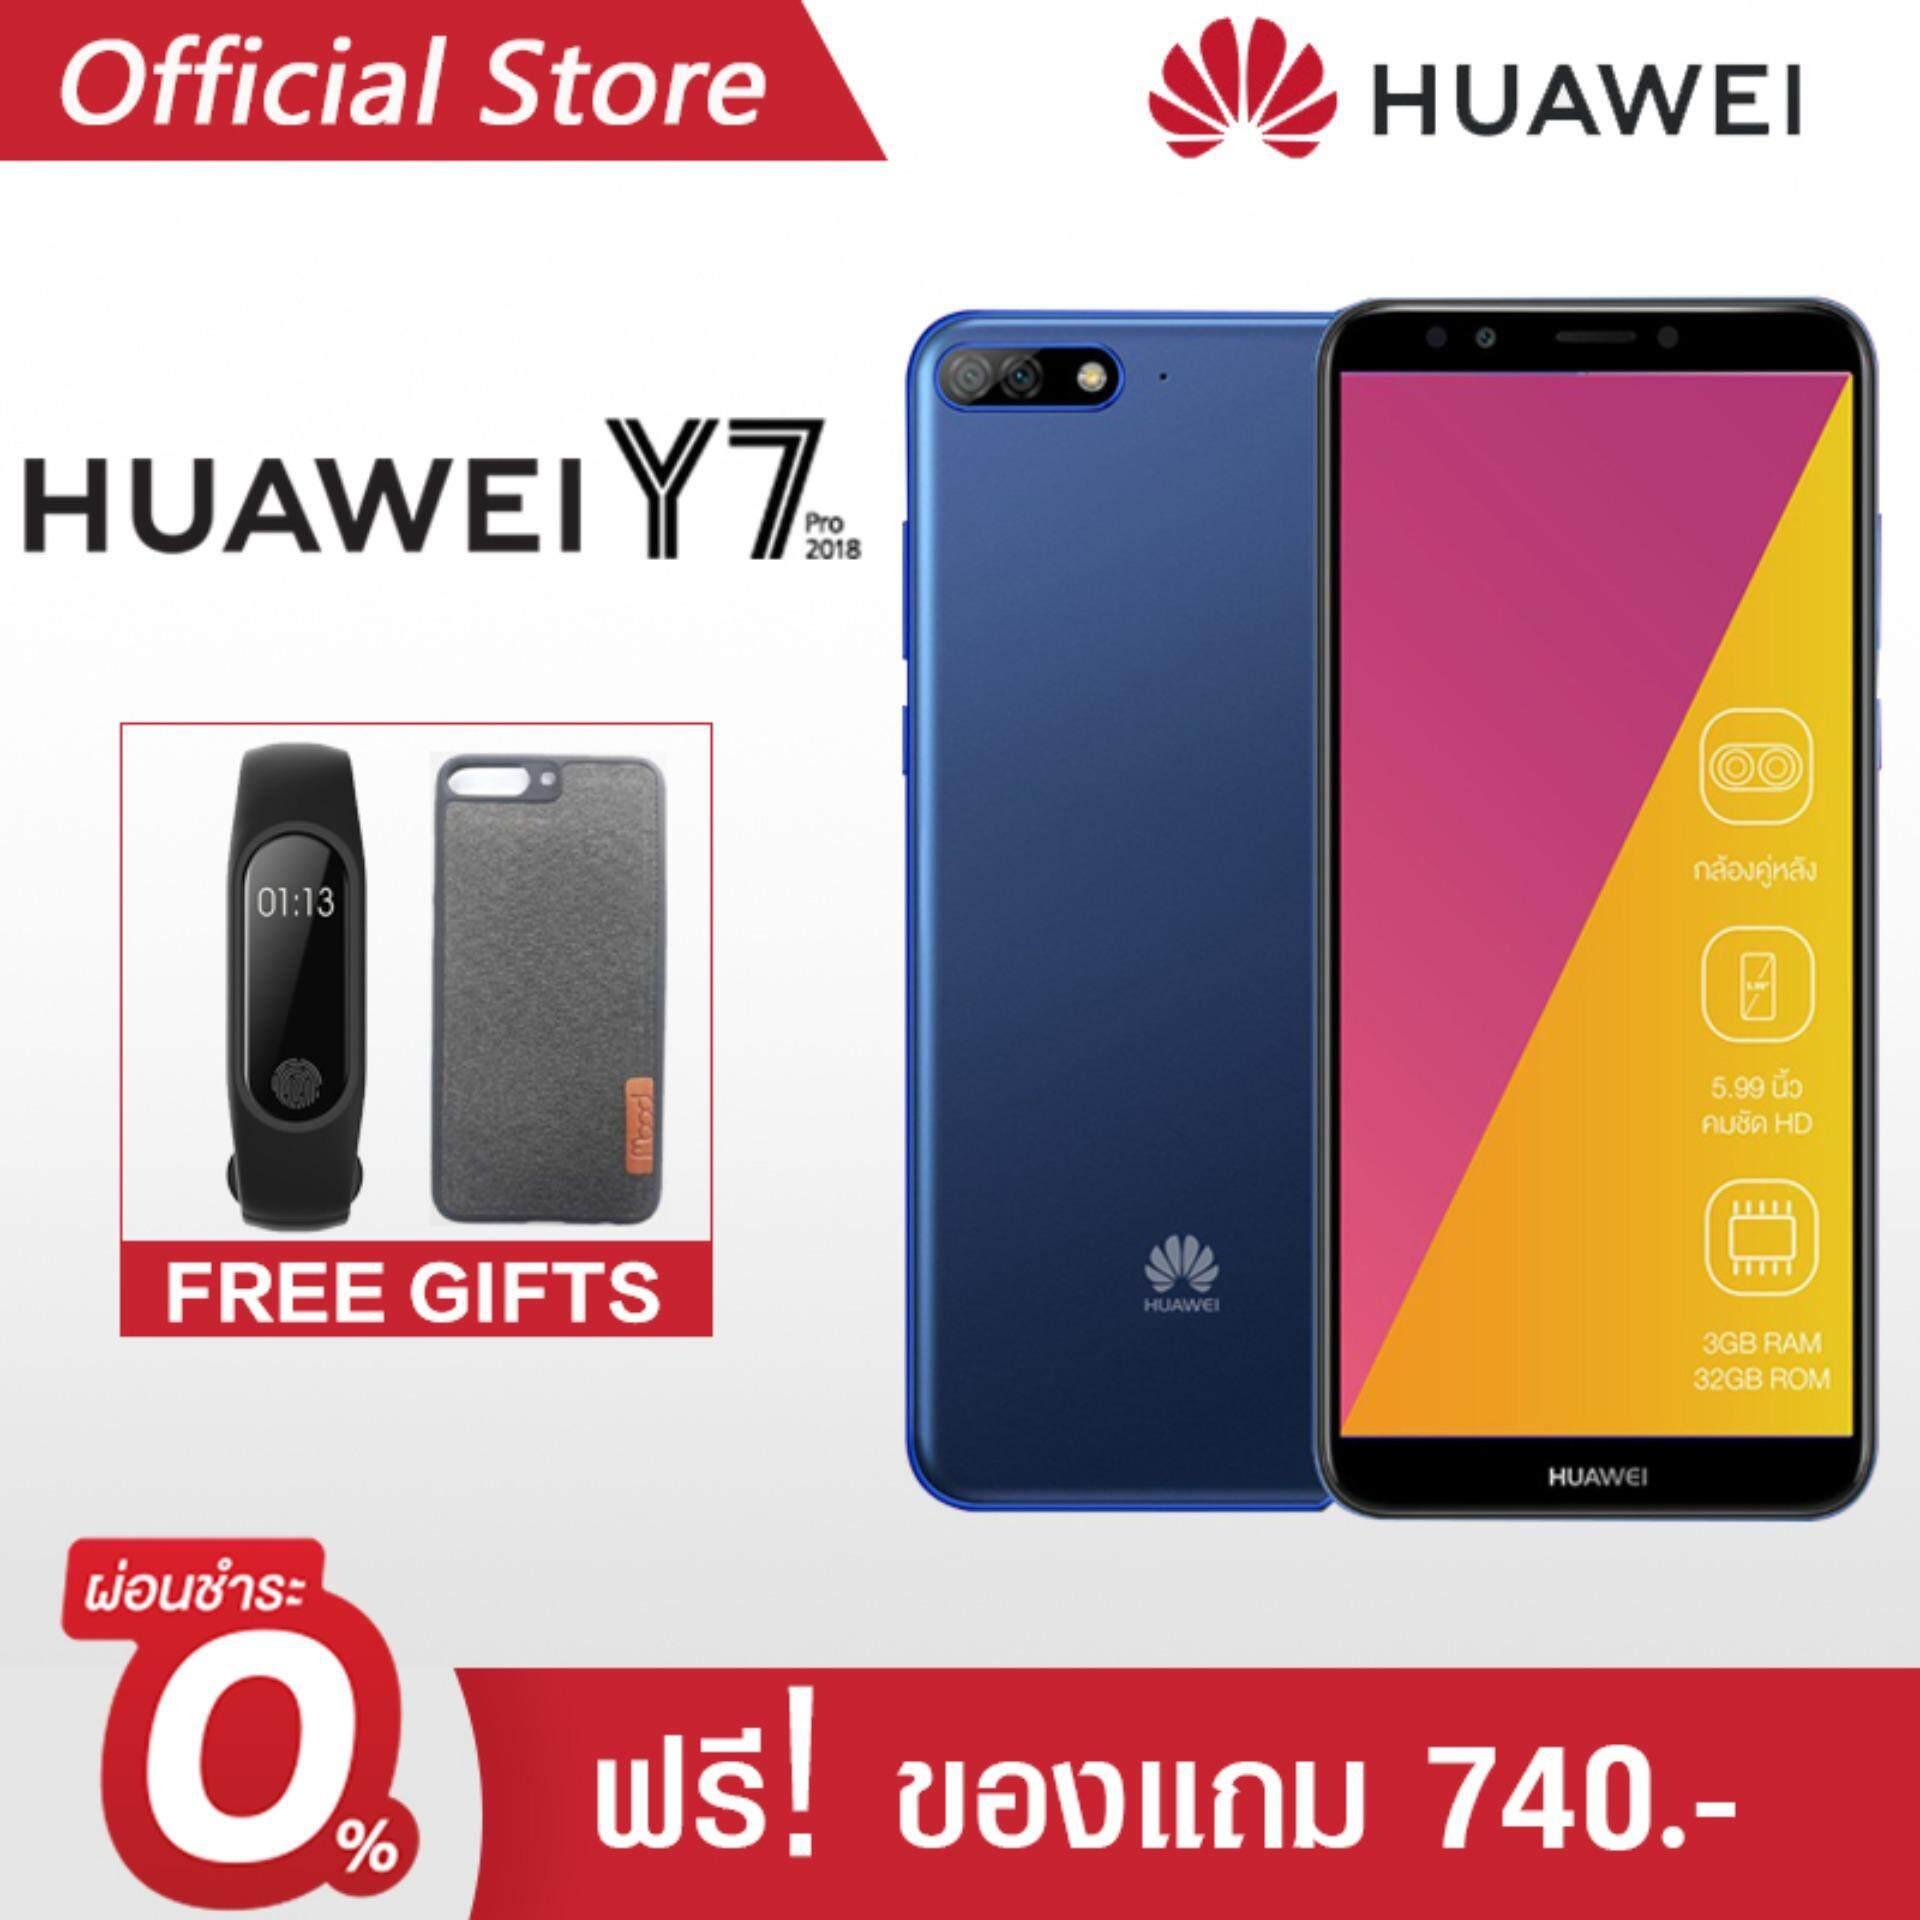 [ผ่อน 0% 6 เดือน + Free Gifts]Huawei Y7 Pro 3GB/32GB *พร้อมของแถม Band+Huawei case*